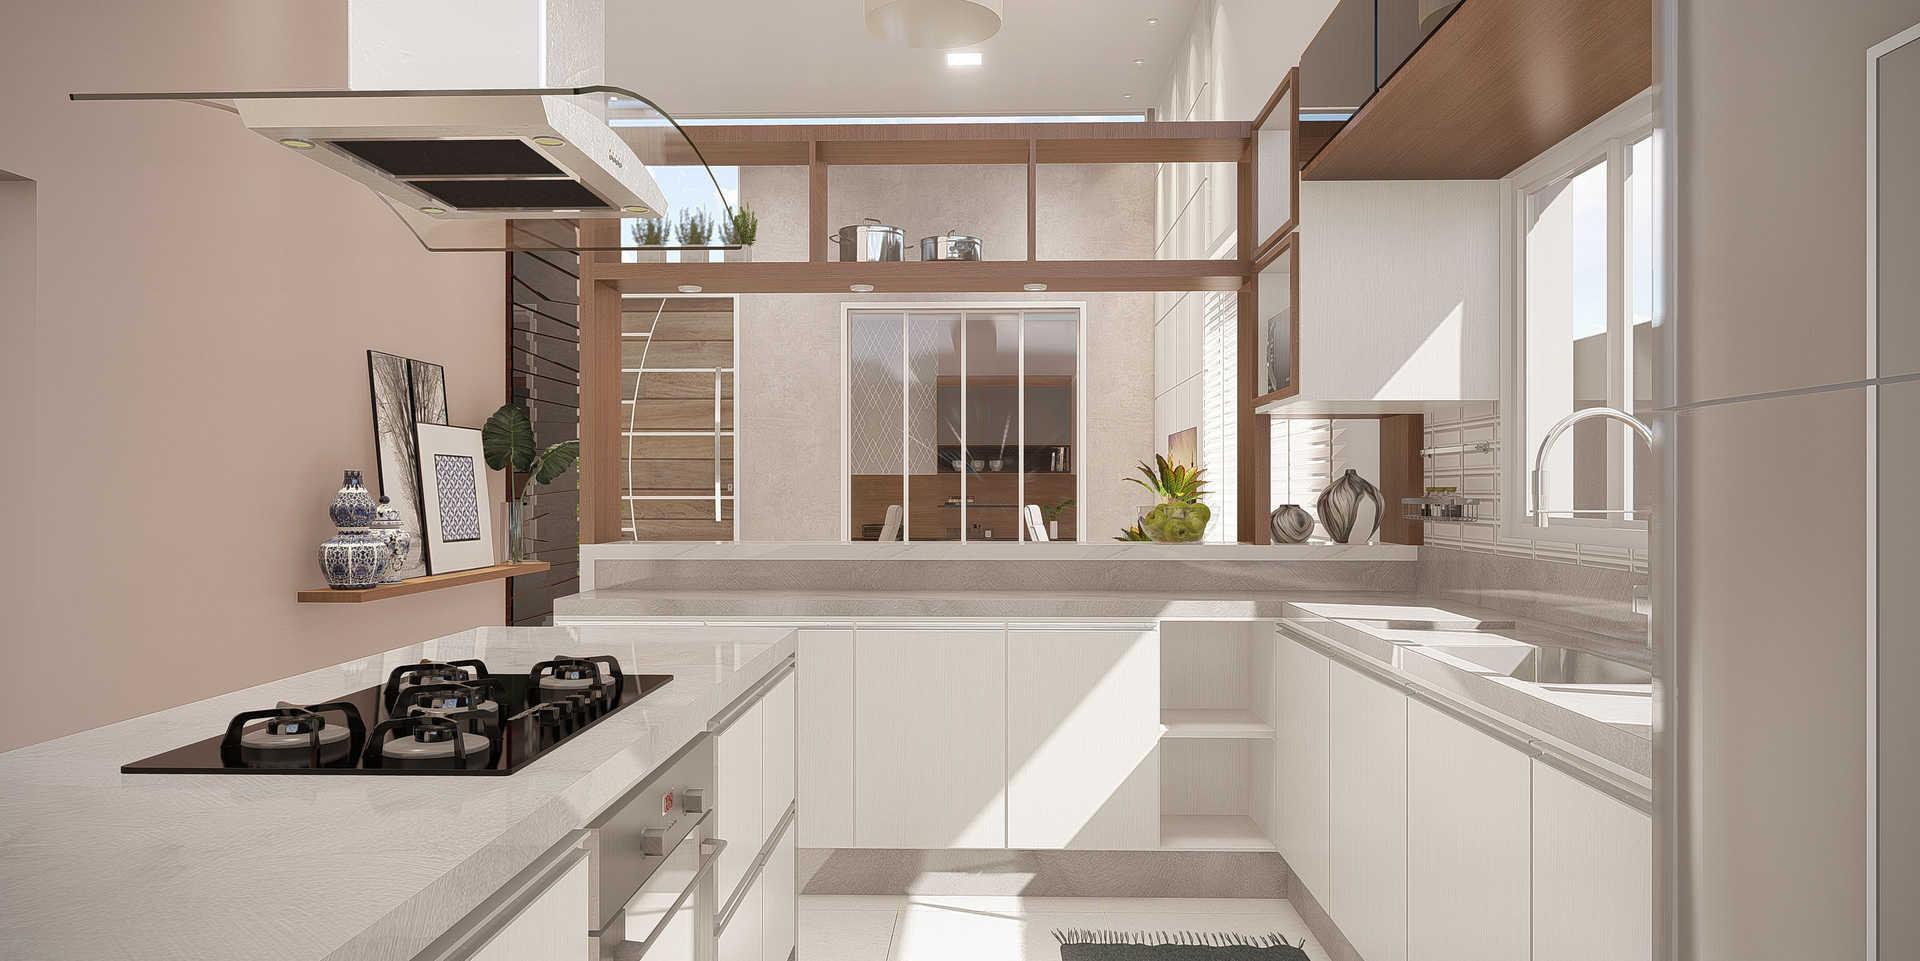 Salas e Cozinha - Cozinha.jpg